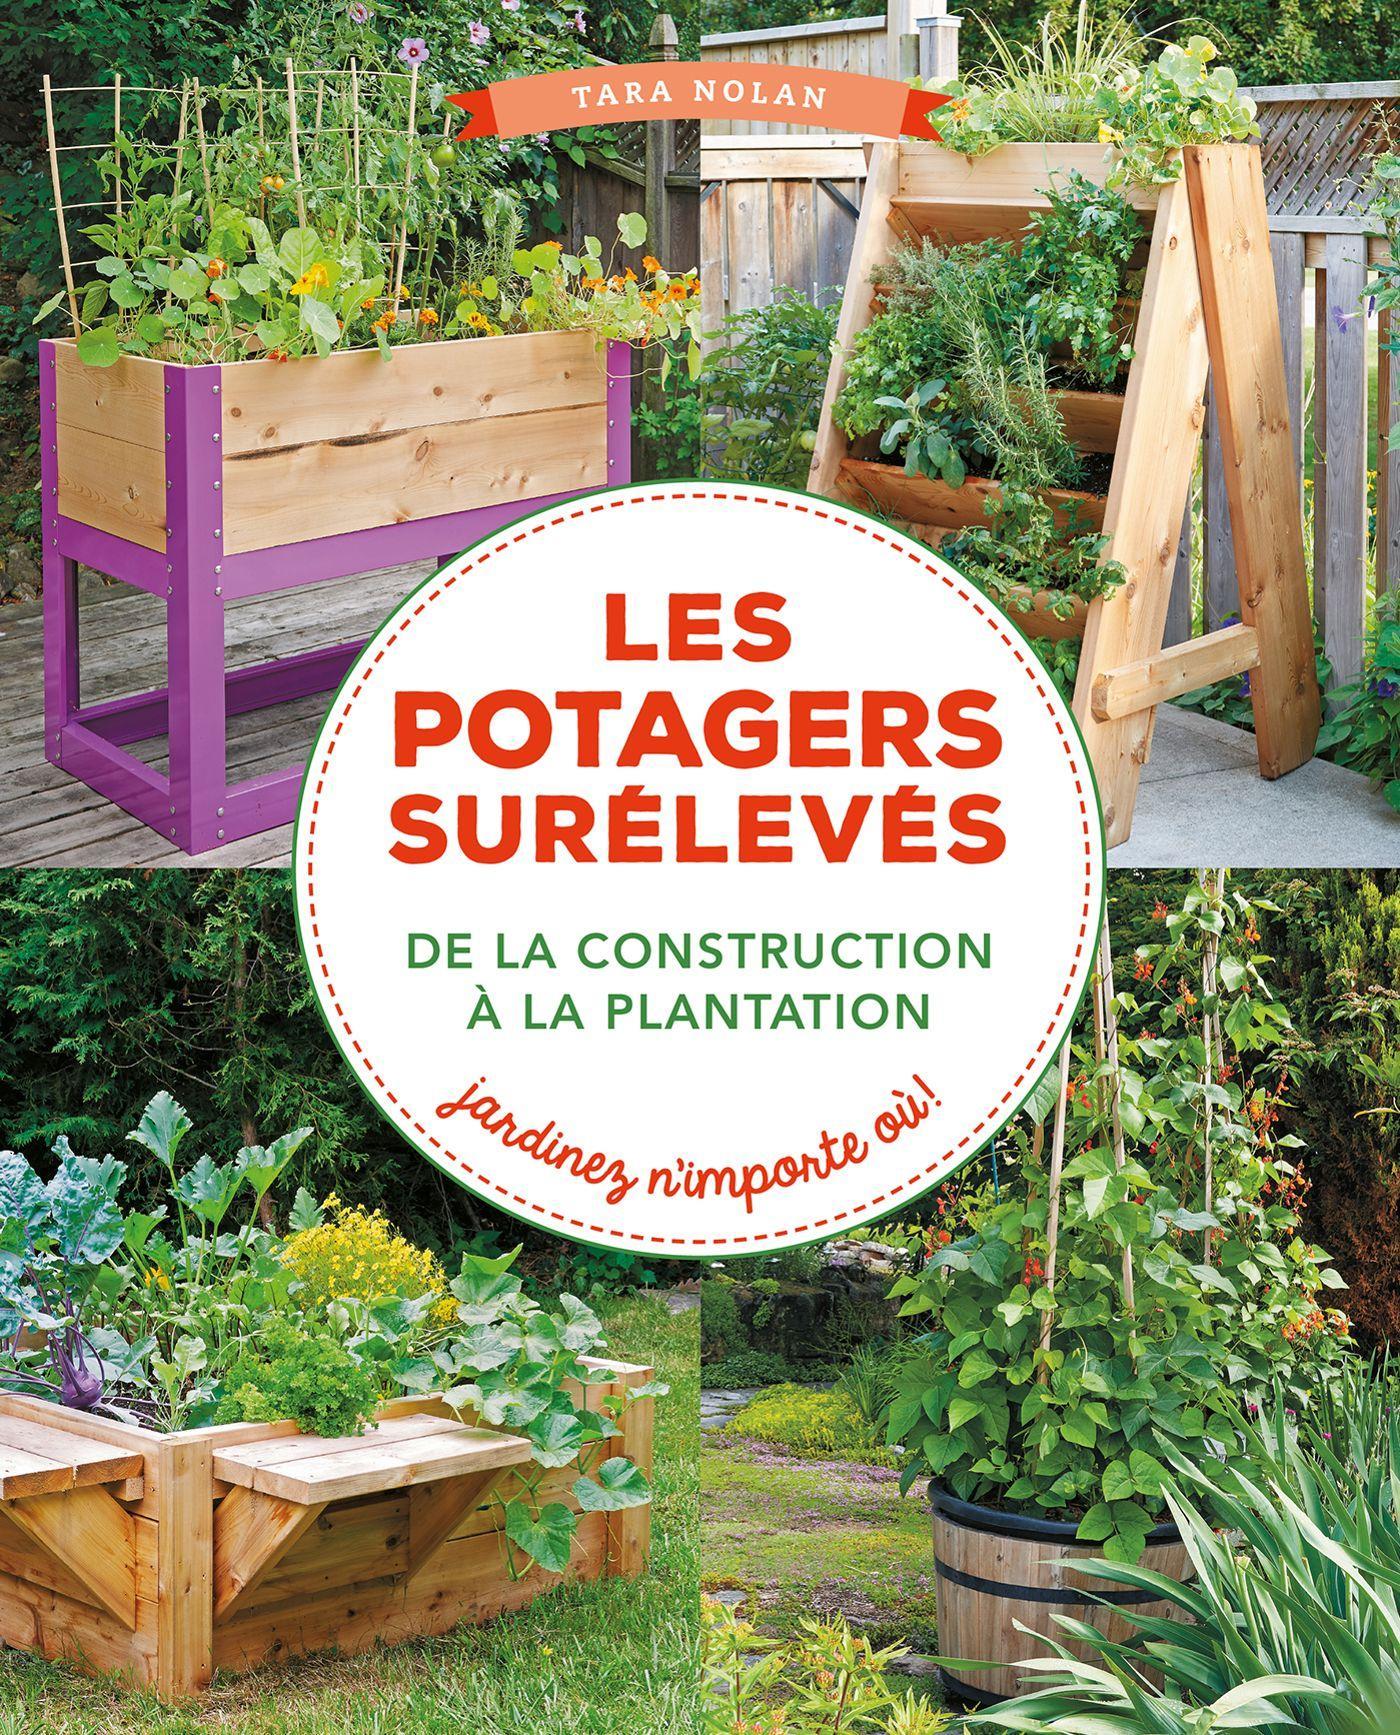 jardin comment fabriquer soi m me un potager sur lev. Black Bedroom Furniture Sets. Home Design Ideas